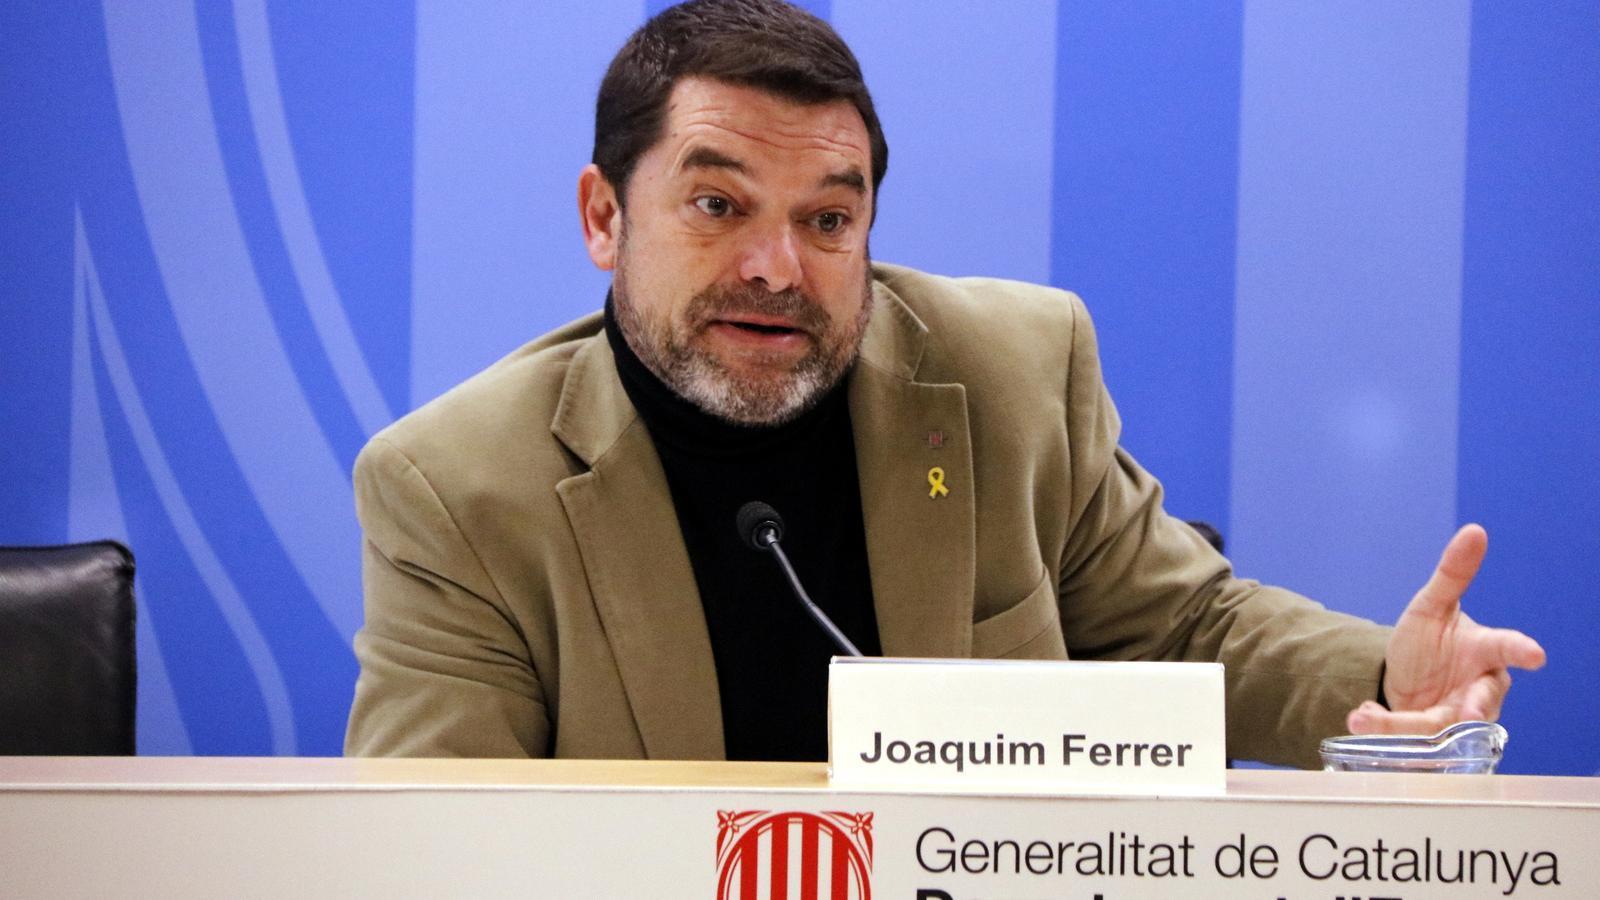 El secretari d'Empresa i Competitivitat, Joaquim Ferrer, ha presentat el balanç de l'Agència de Consum.